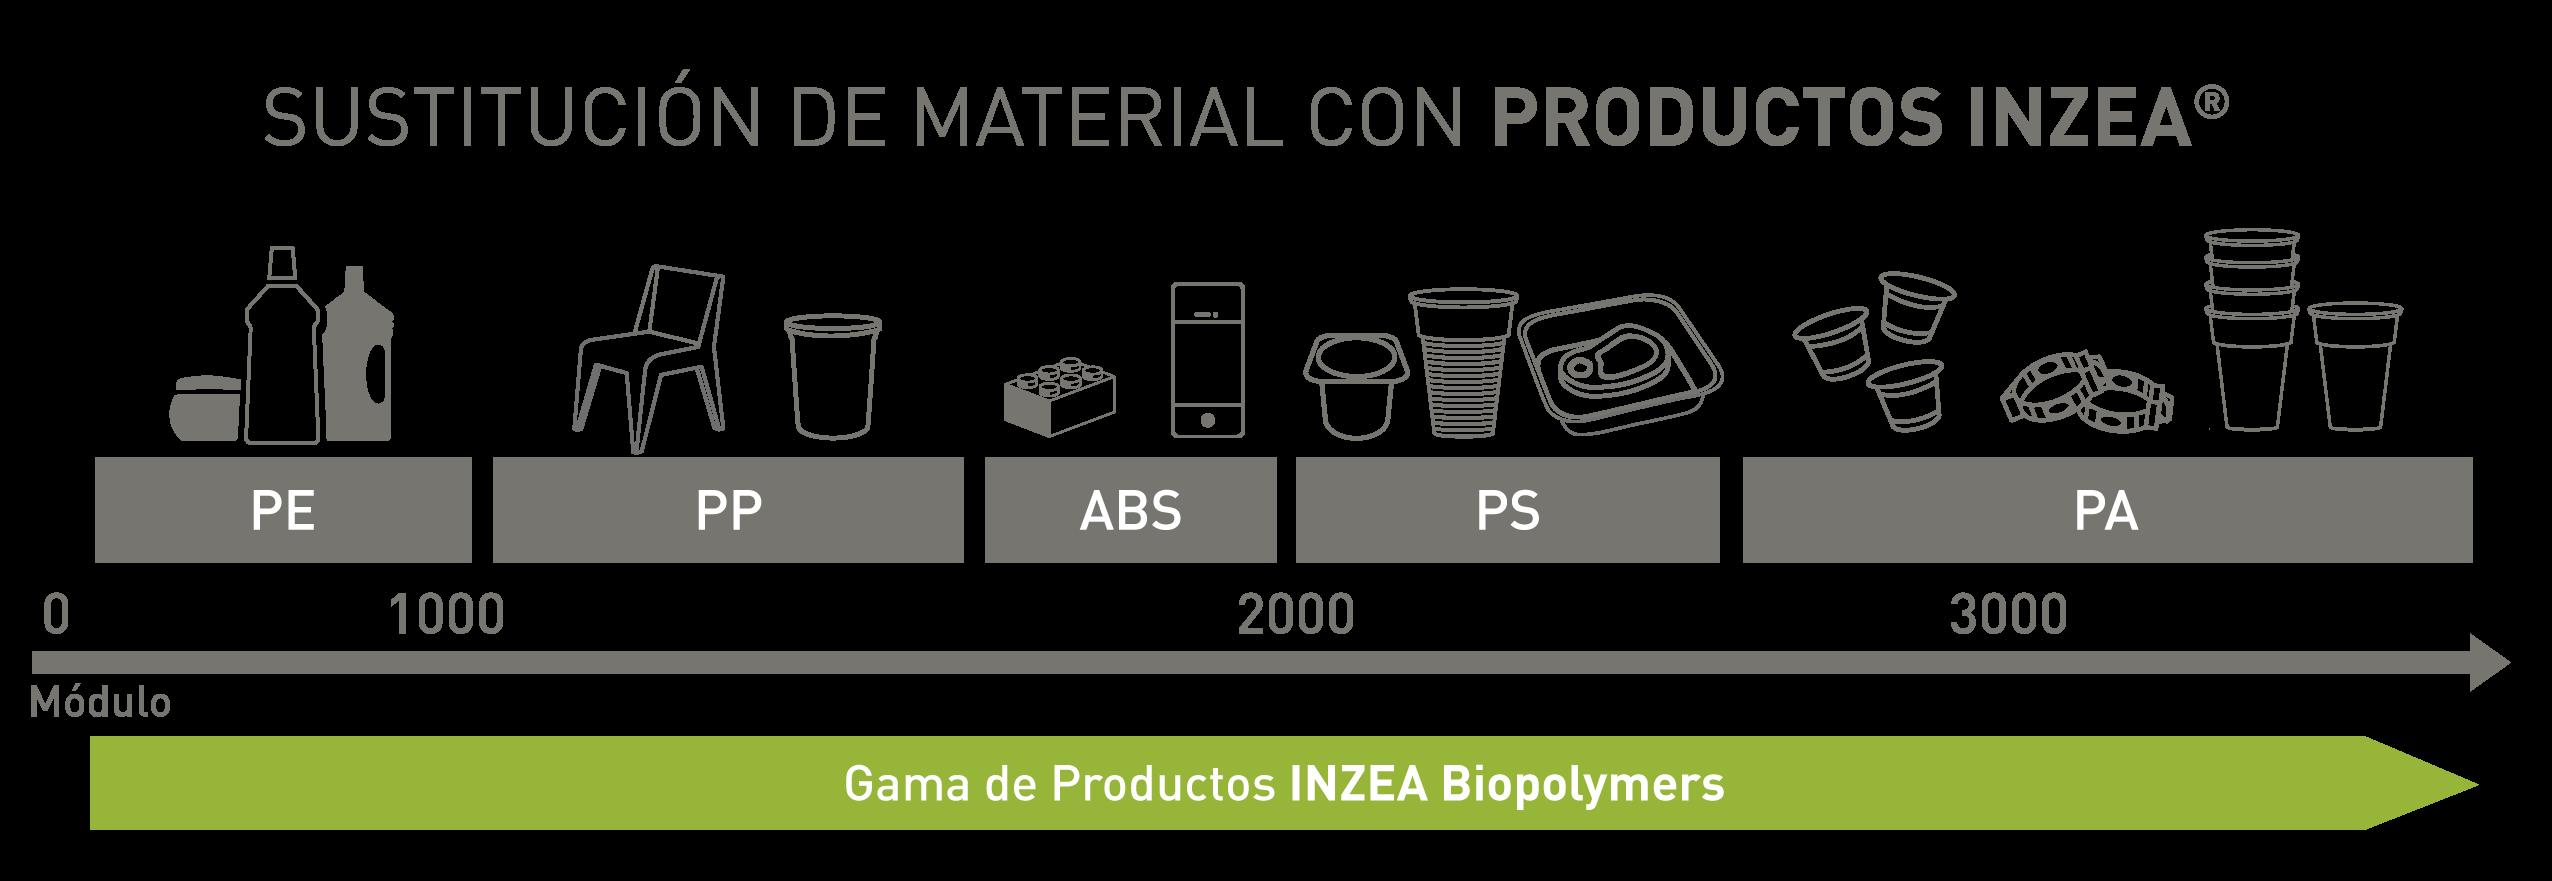 INZEA Biopolimeros para la substitución de plásticos no renovables